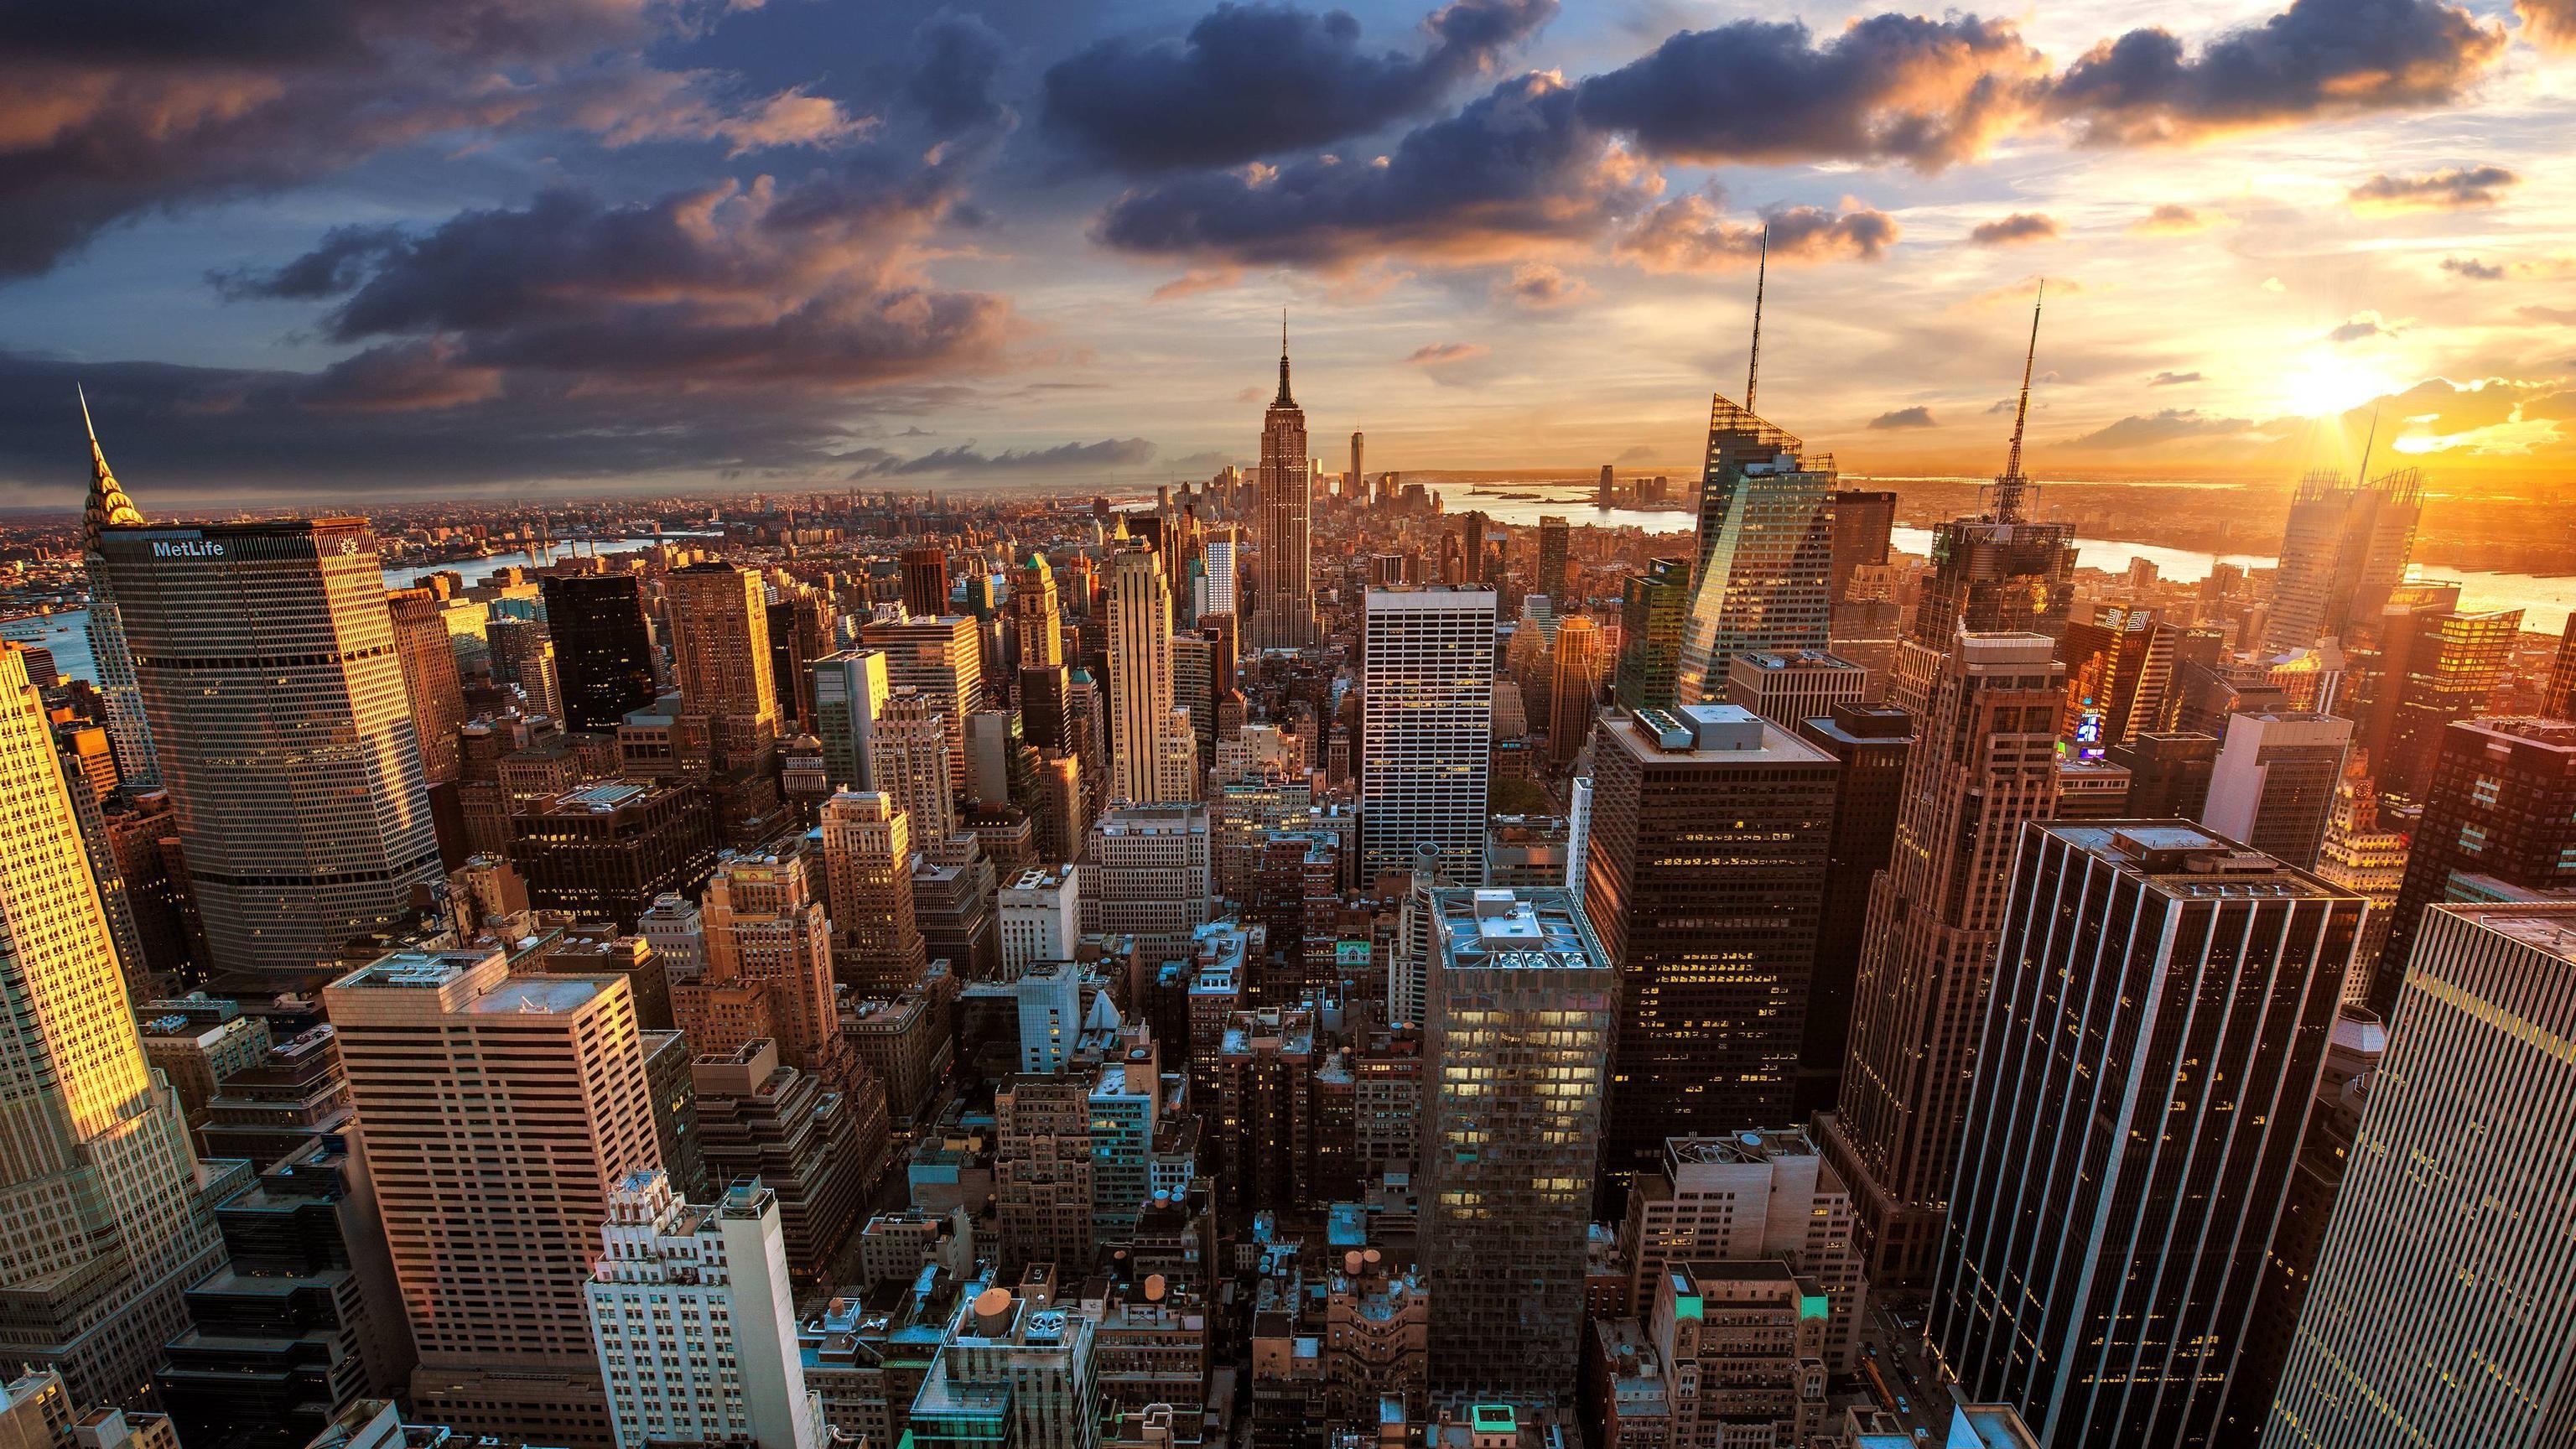 New York City wallpaper (4K) …